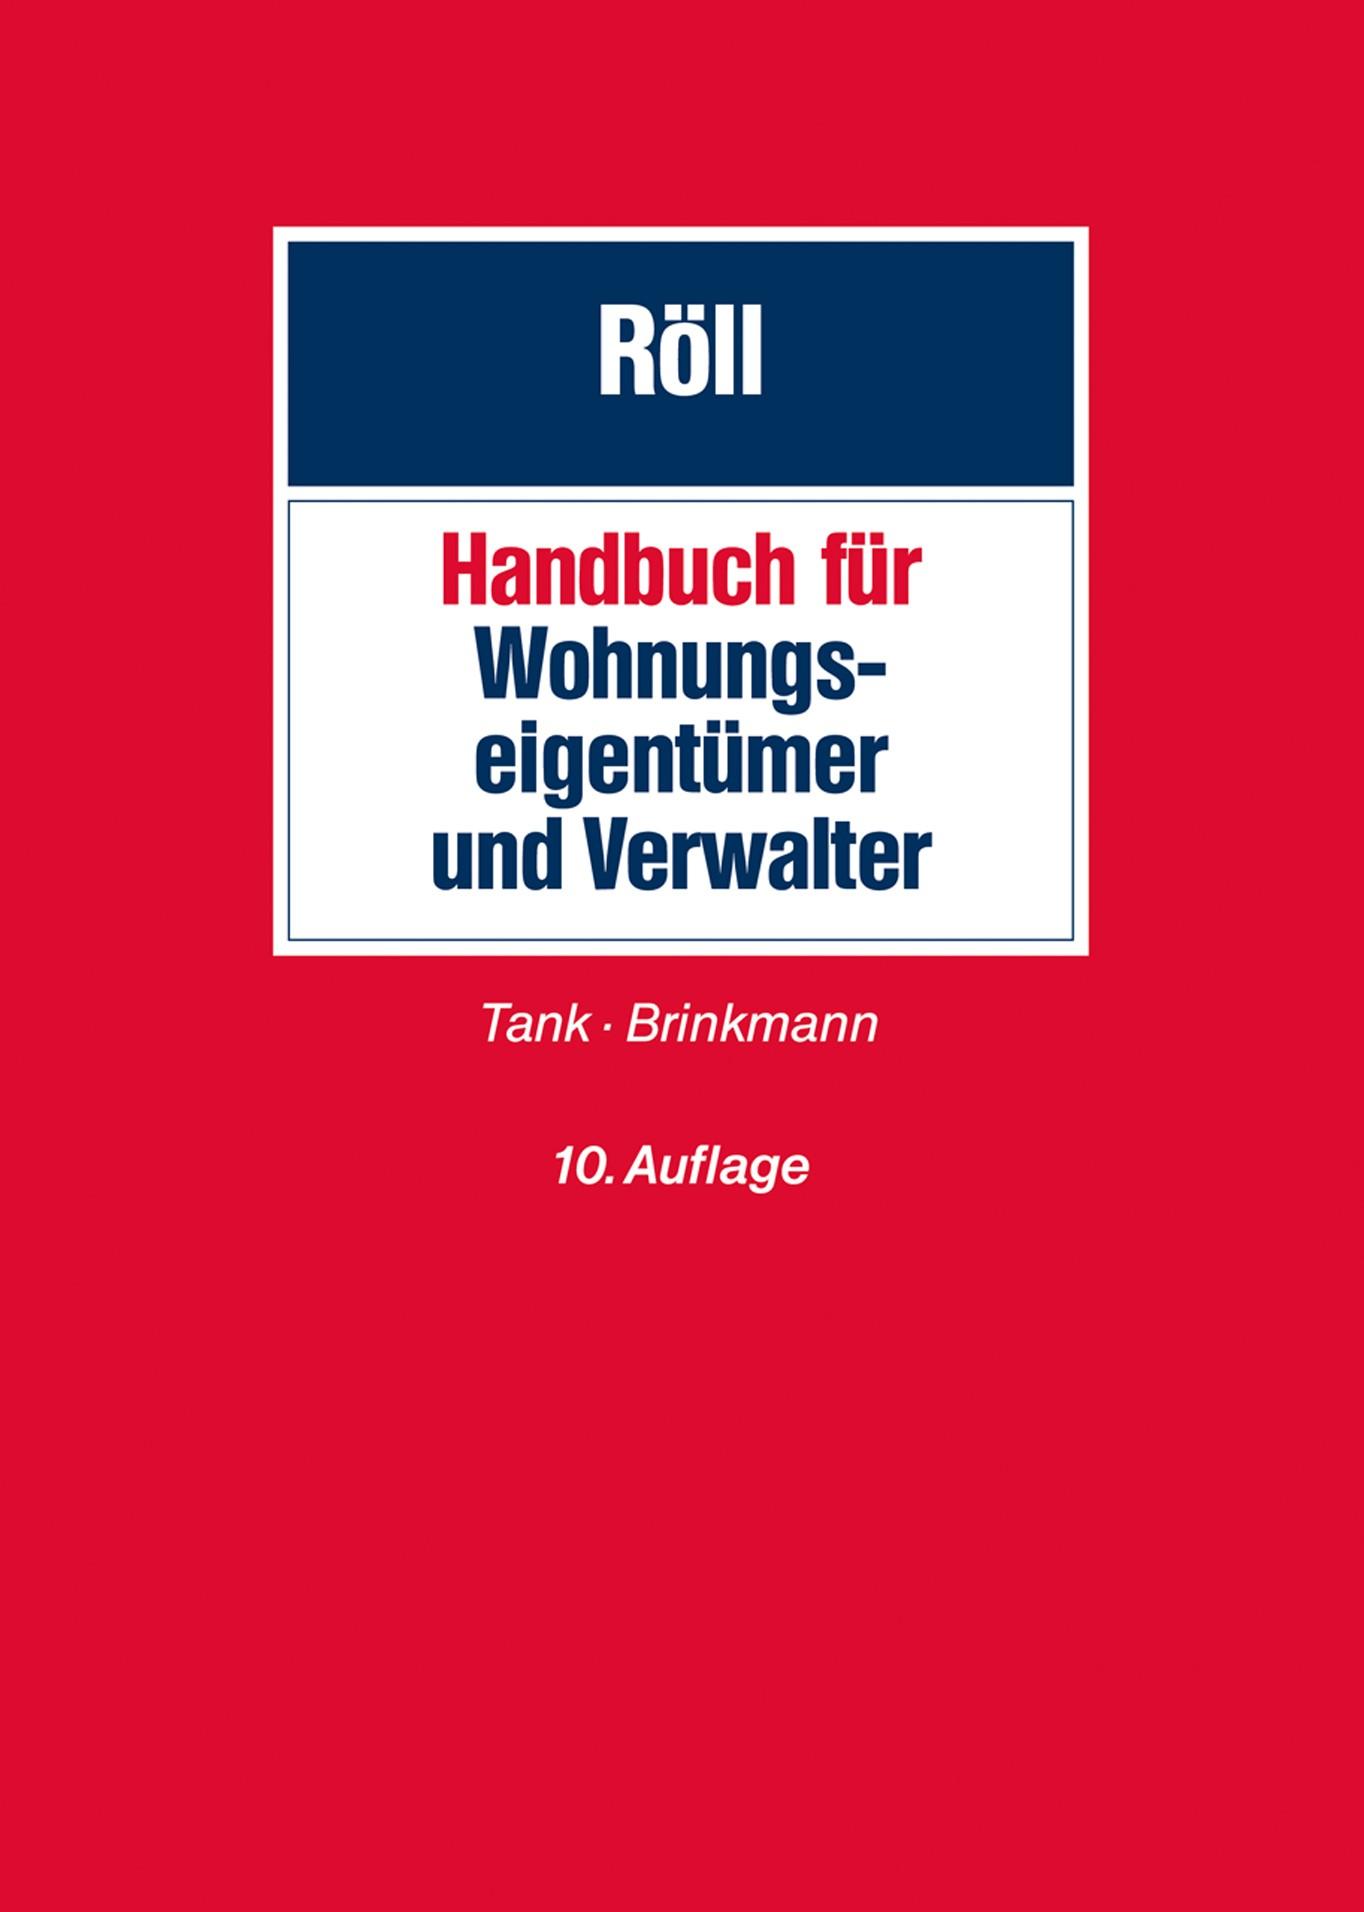 Handbuch für Wohnungseigentümer und Verwalter | Röll | 10., neu bearbeitete Auflage, 2018 | Buch (Cover)